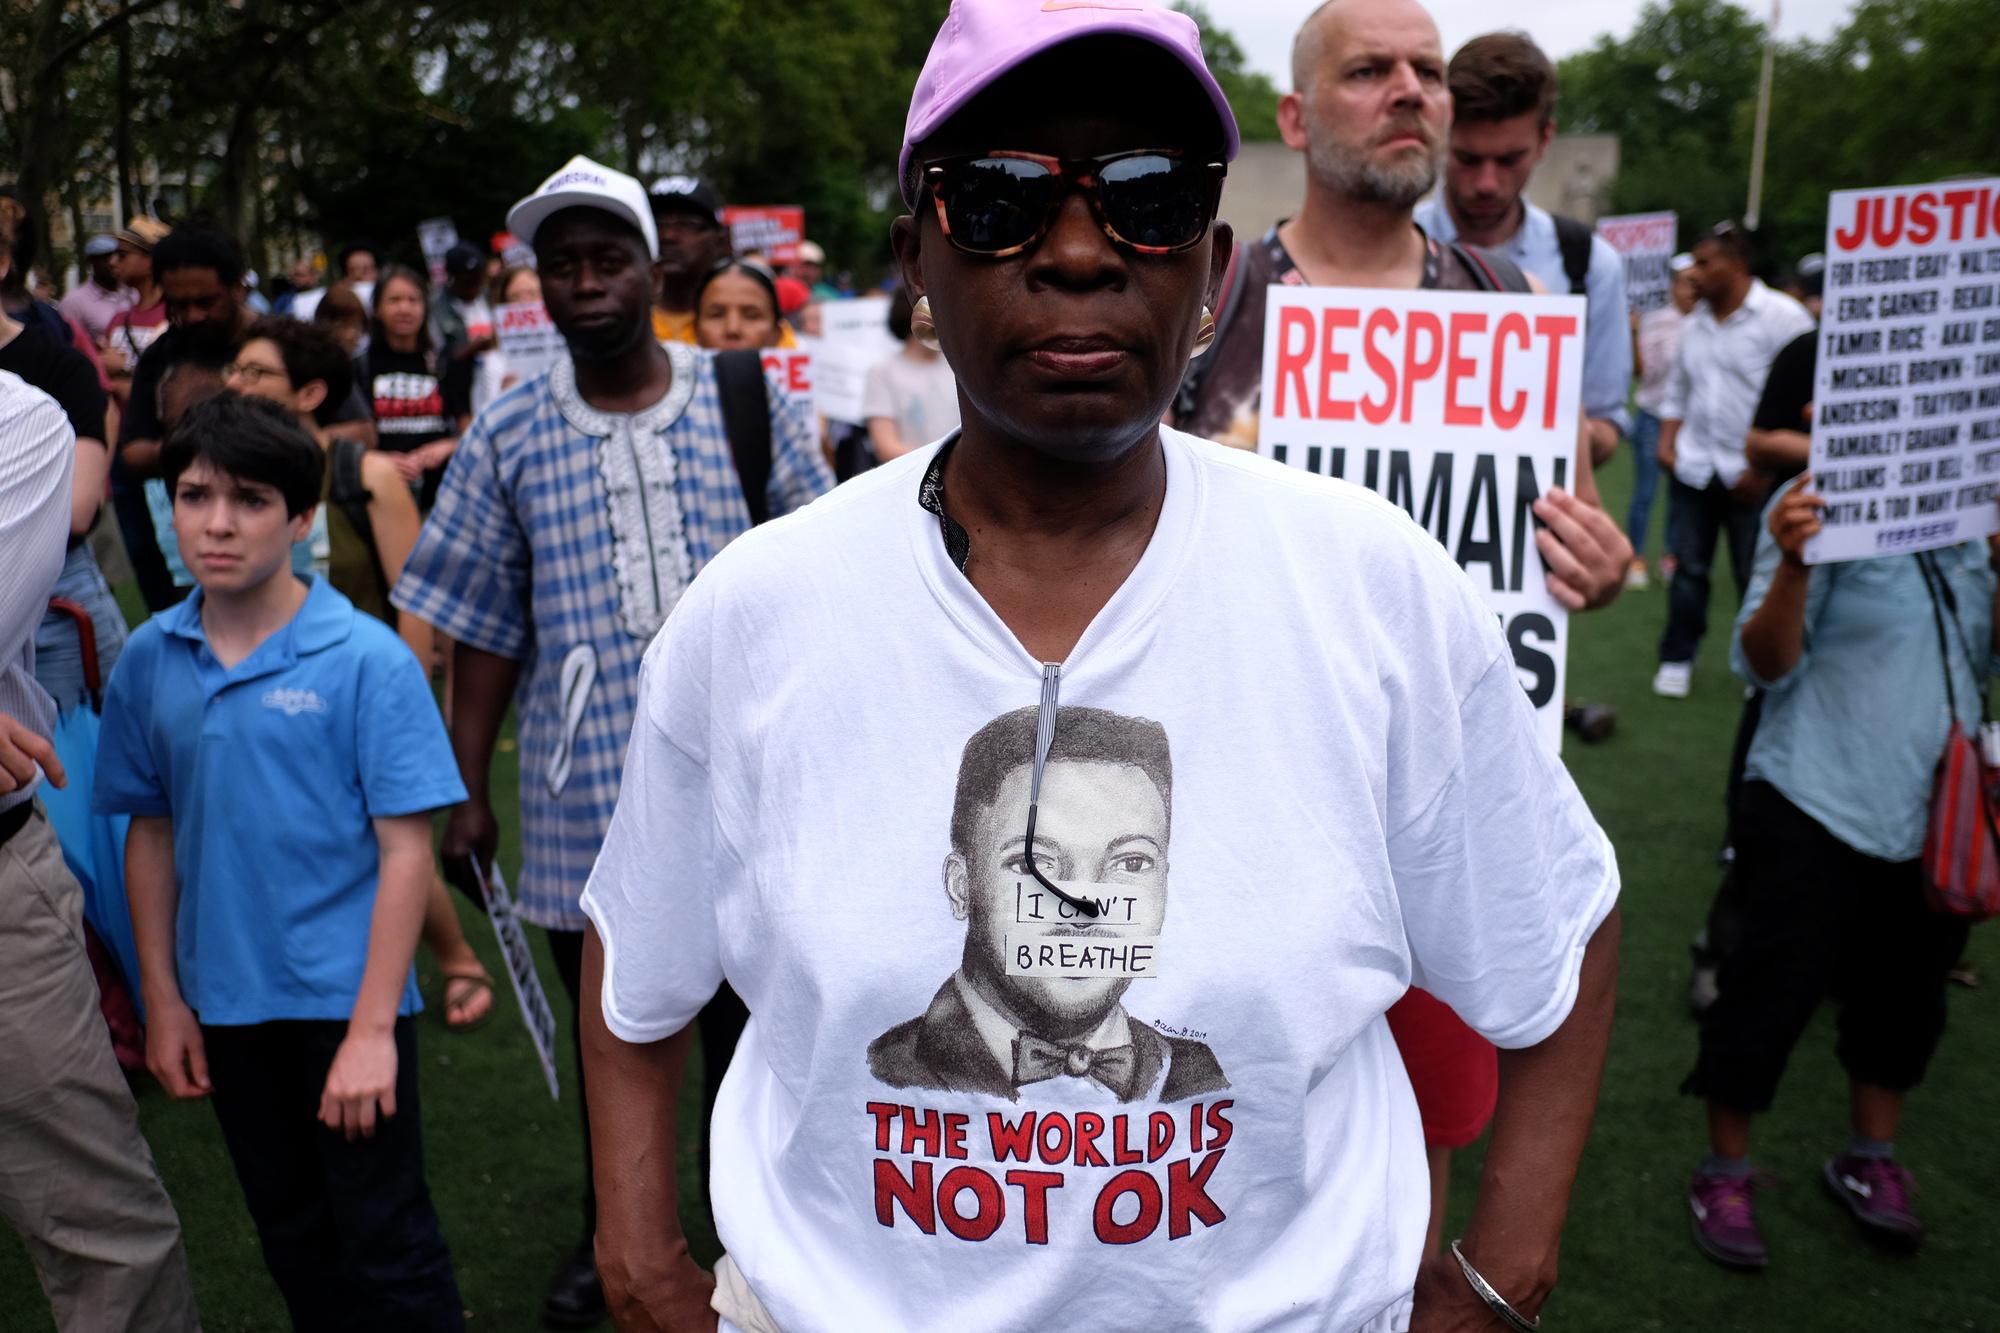 L'affaire avait en 2014 catalysé le mouvement #BlackLivesMatter dénonçant les violences policières contre les Noirs., BELGAIMAGE